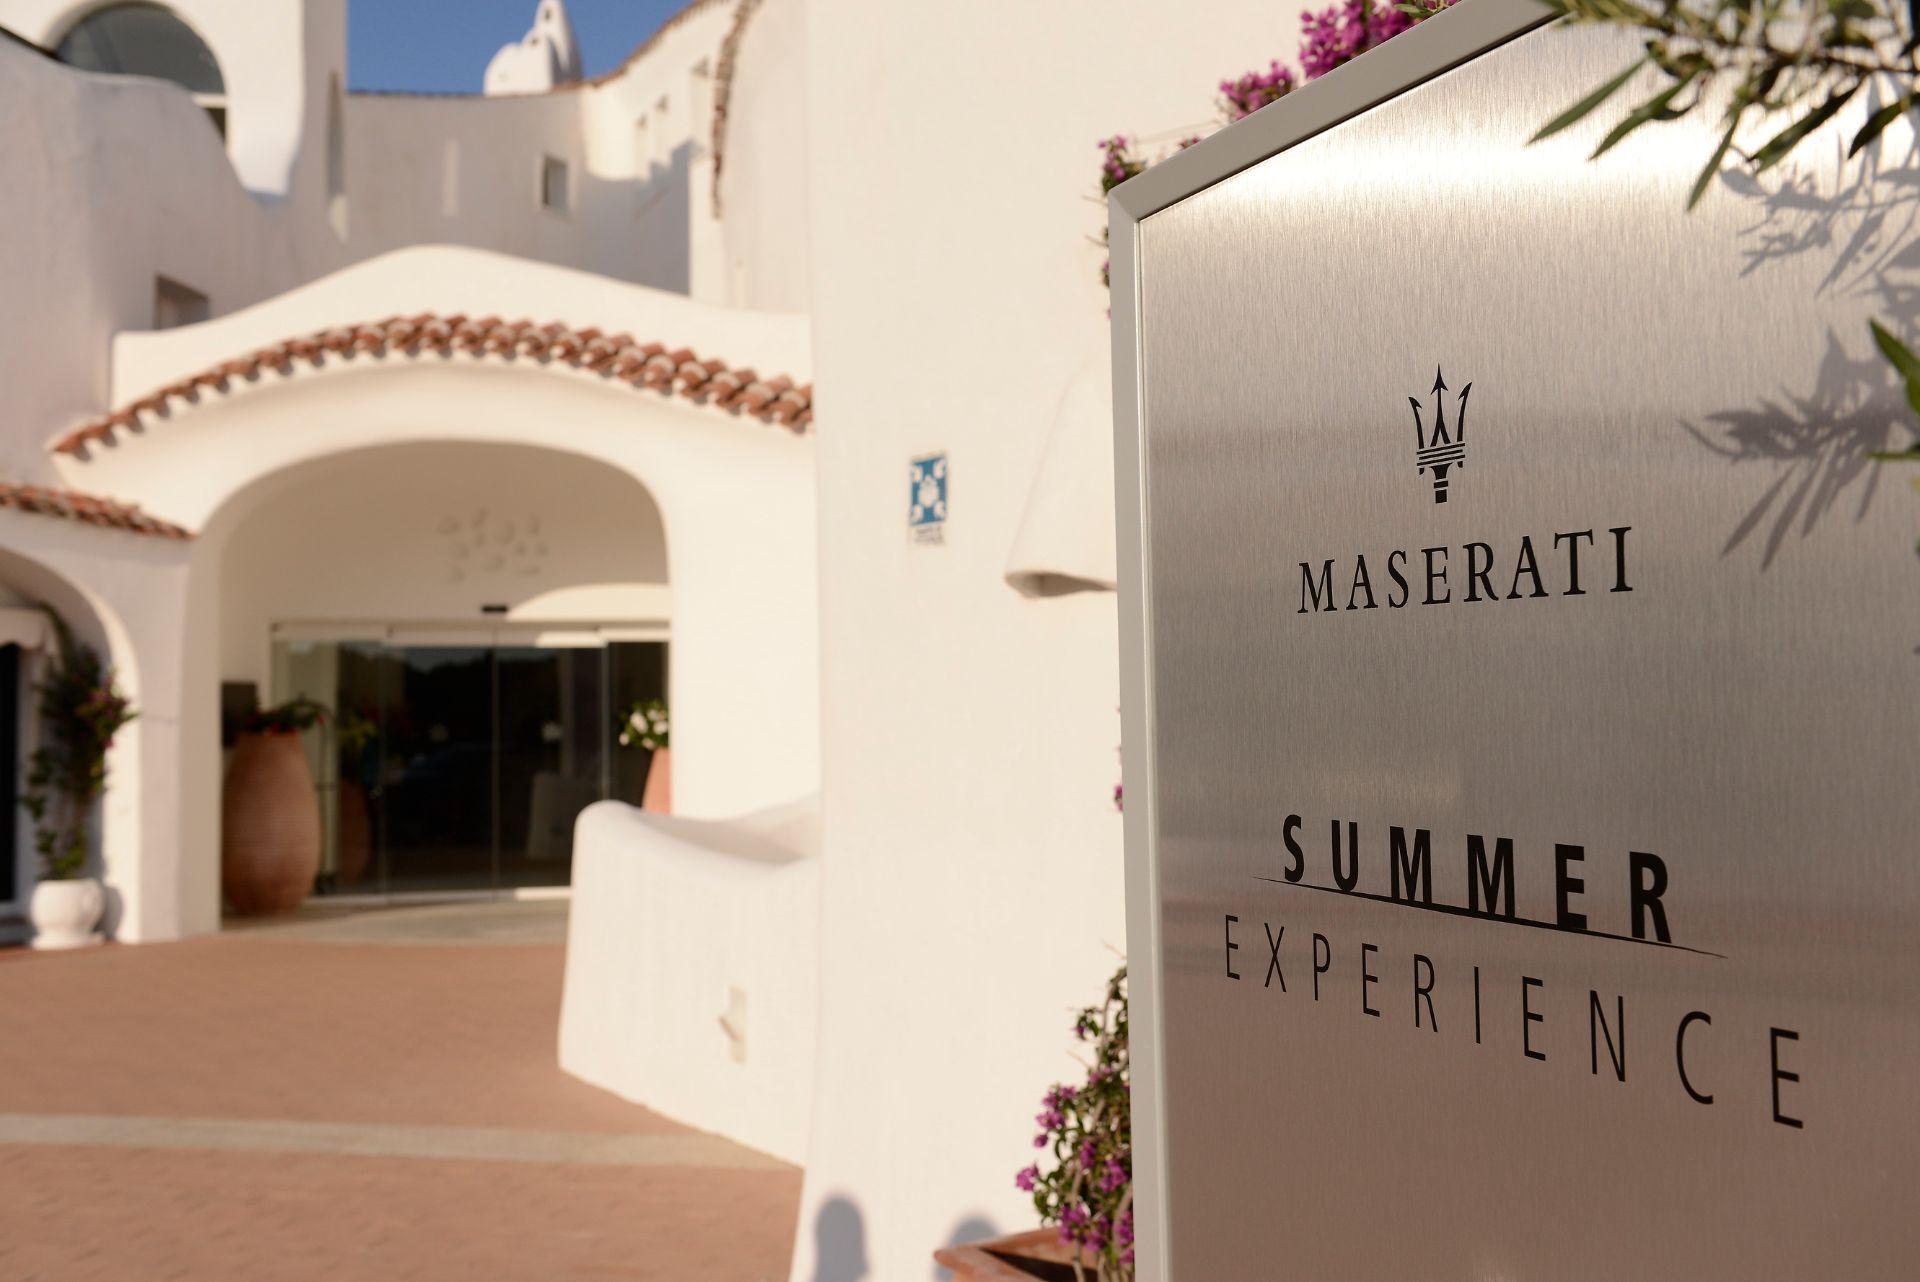 Summer Experience: Maserati y Marriott juntos  en Costa Esmeralda